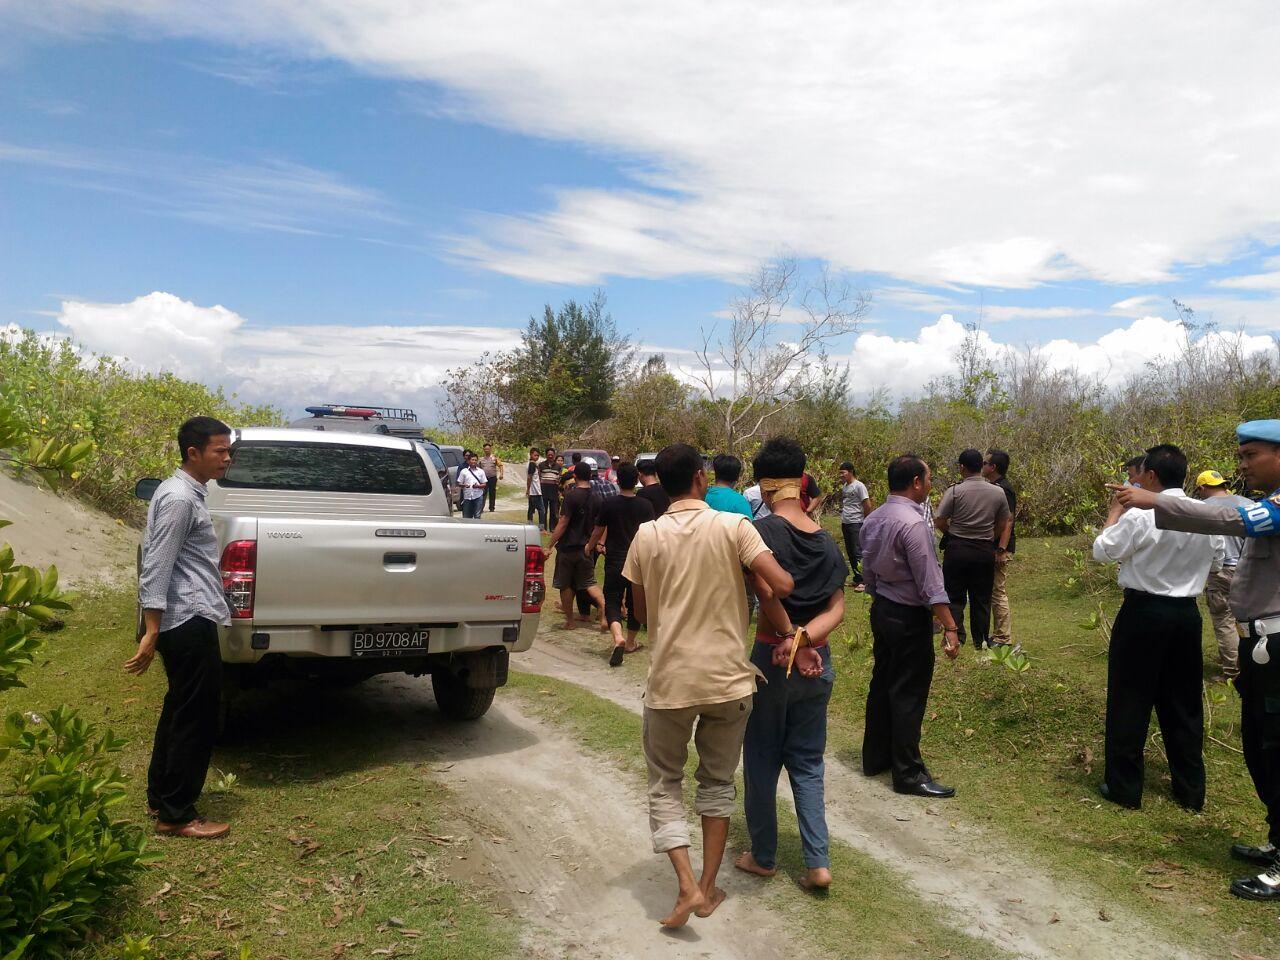 Tangkap 1 Pelaku, Polisi Temukan Jasad Siswi SMAN 4 yang Hilang